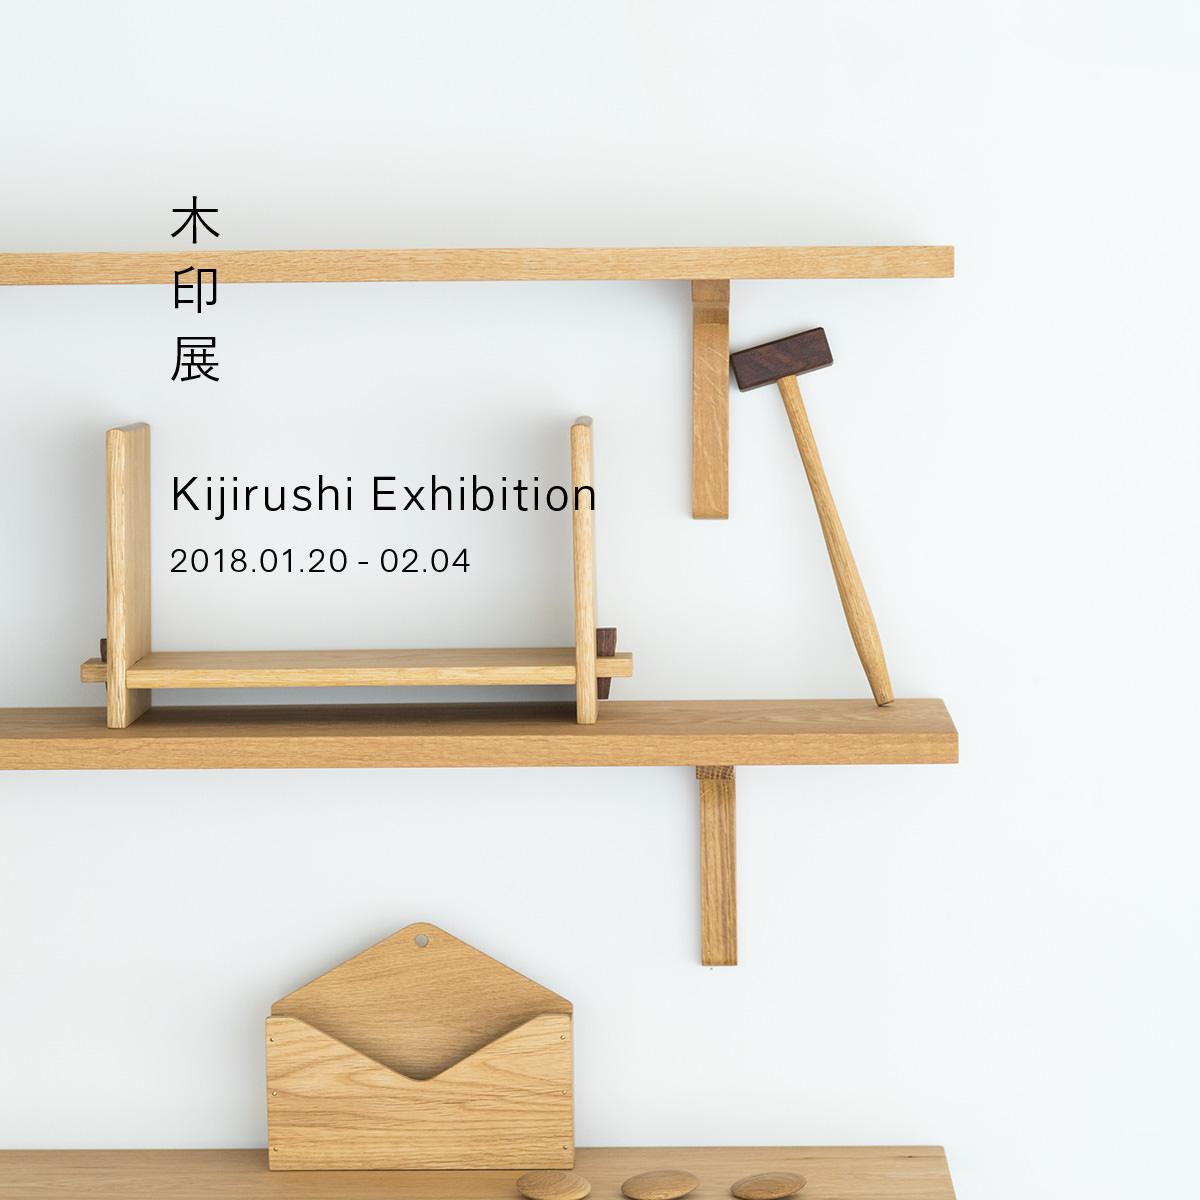 Kijirushi Exhibition / 木印展 開催のお知らせ